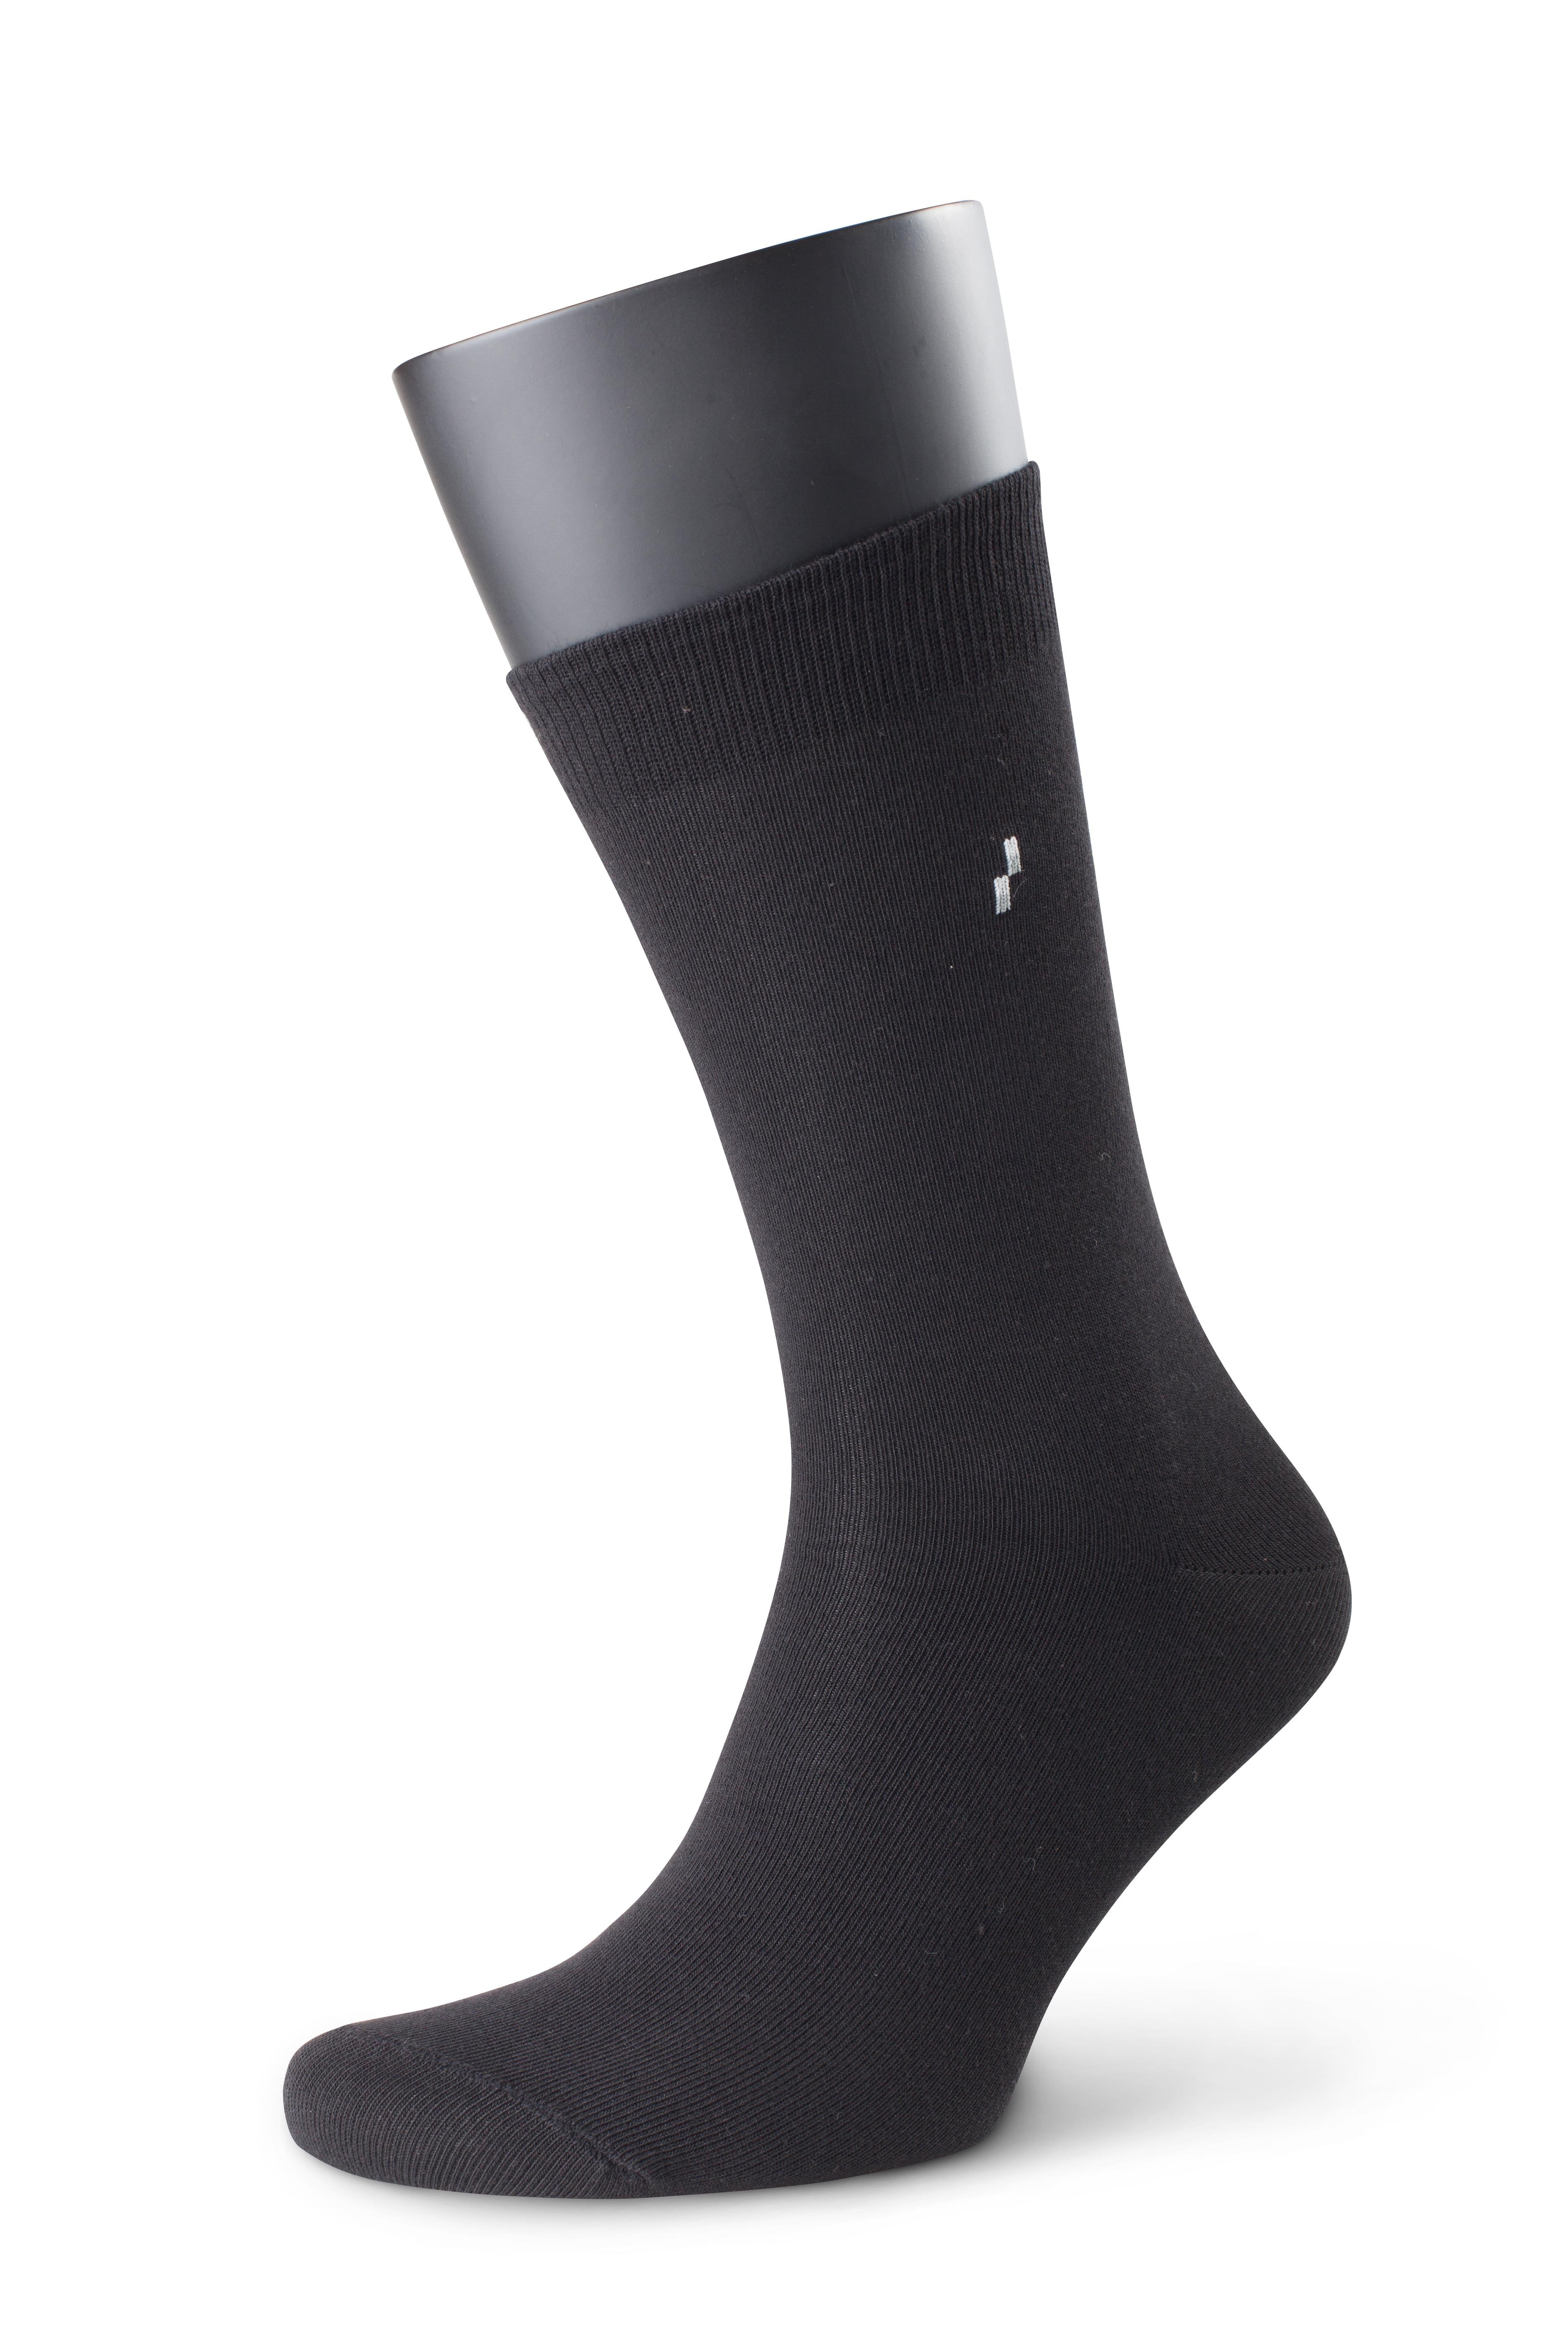 Комплект стильных мужских носков (5 шт.) из хлопка черного цвета Аvani 4М-044